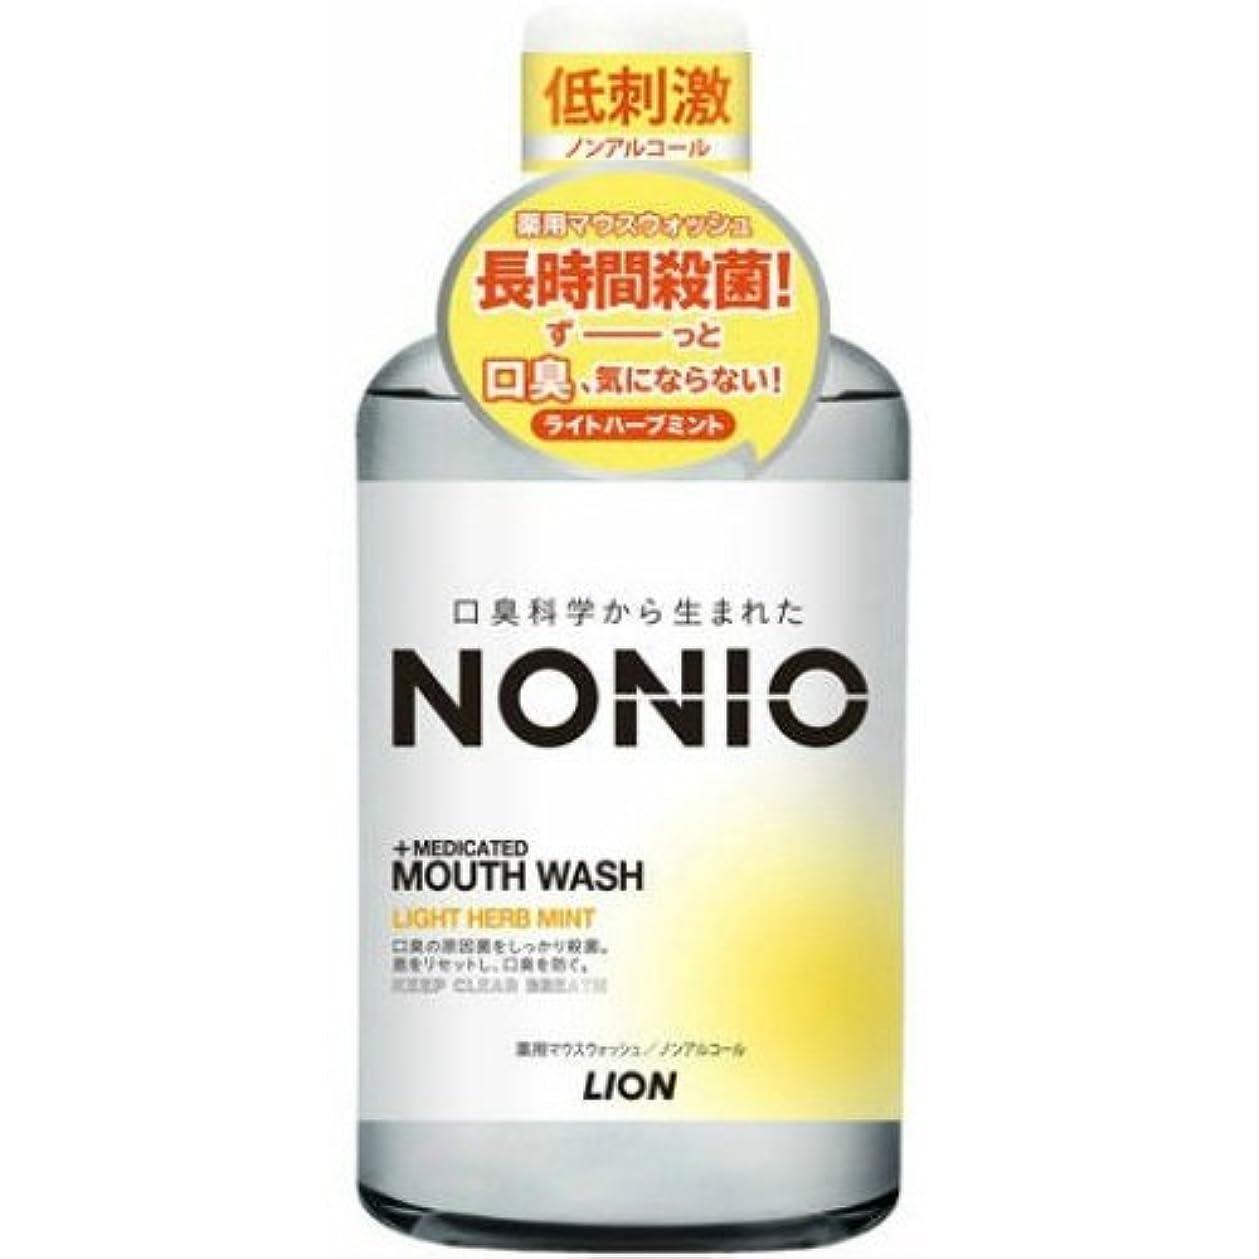 監査気味の悪いトラフィックLION ライオン ノニオ NONIO 薬用マウスウォッシュ ノンアルコール ライトハーブミント 600ml 医薬部外品 ×012点セット(4903301259398)